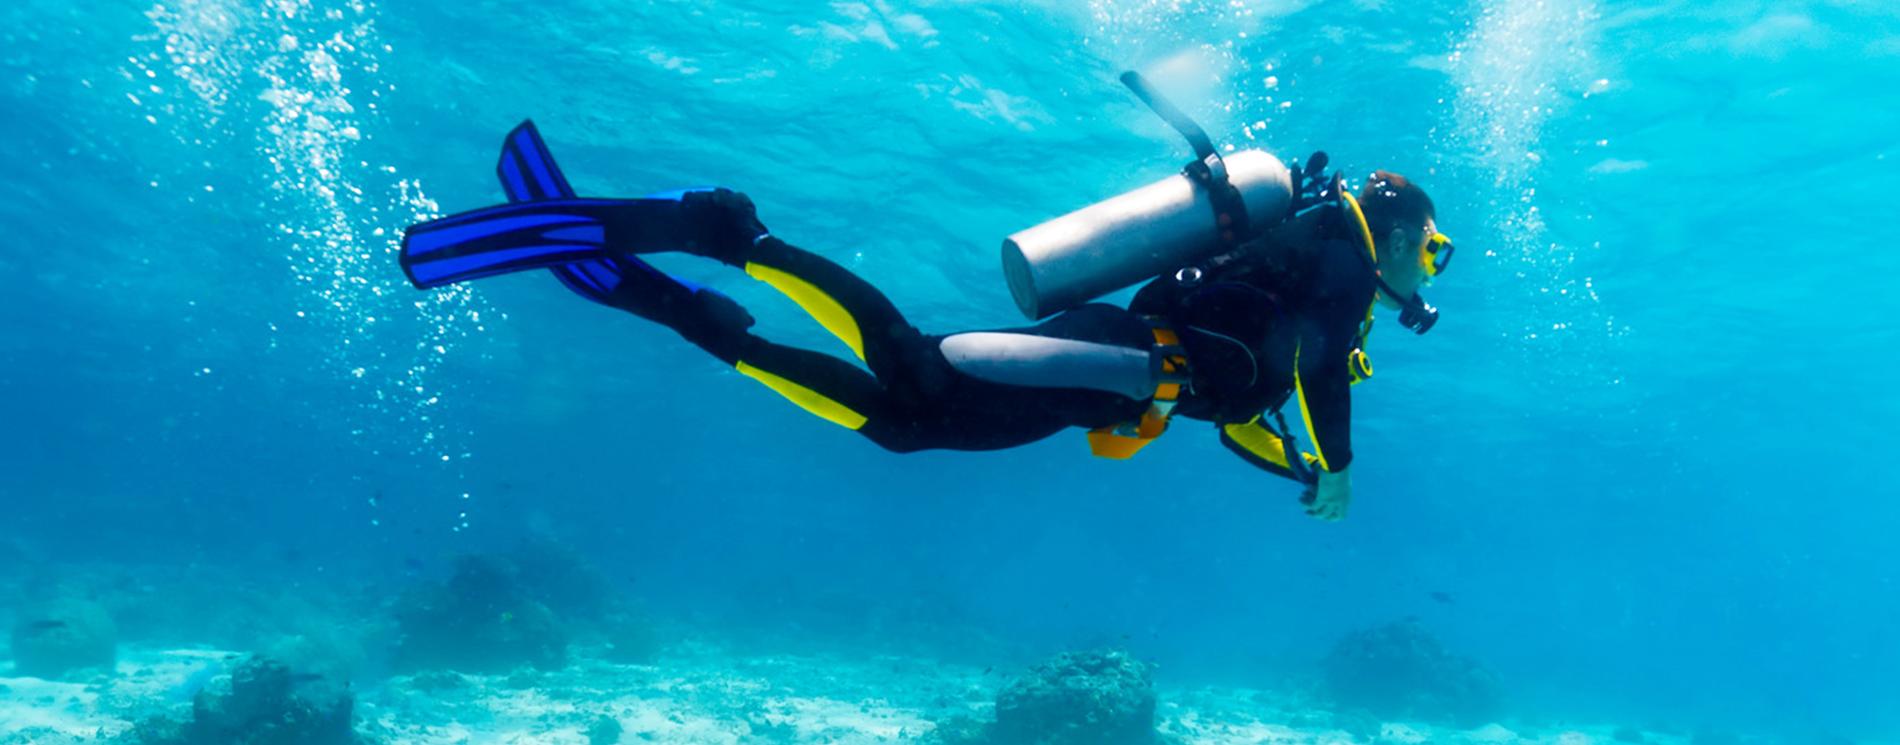 scuba-diving-miami